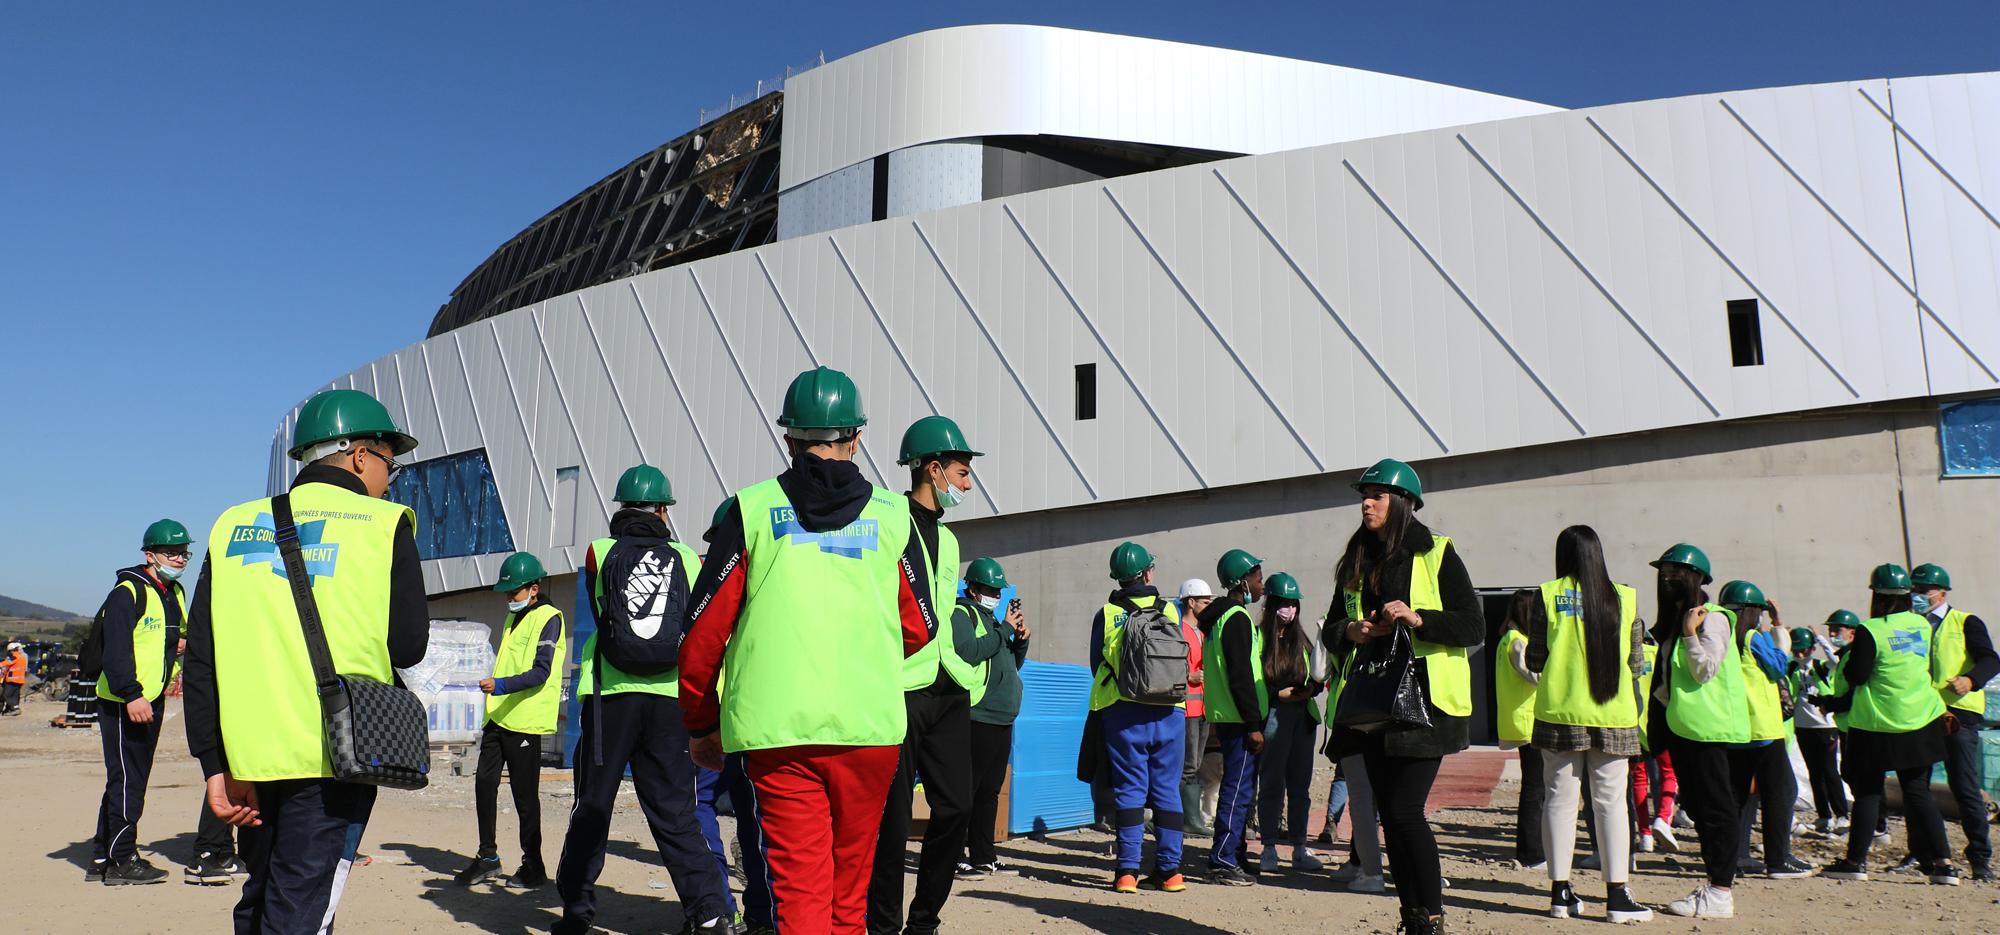 Visite de l'Arena de Saint-Étienne Métropole